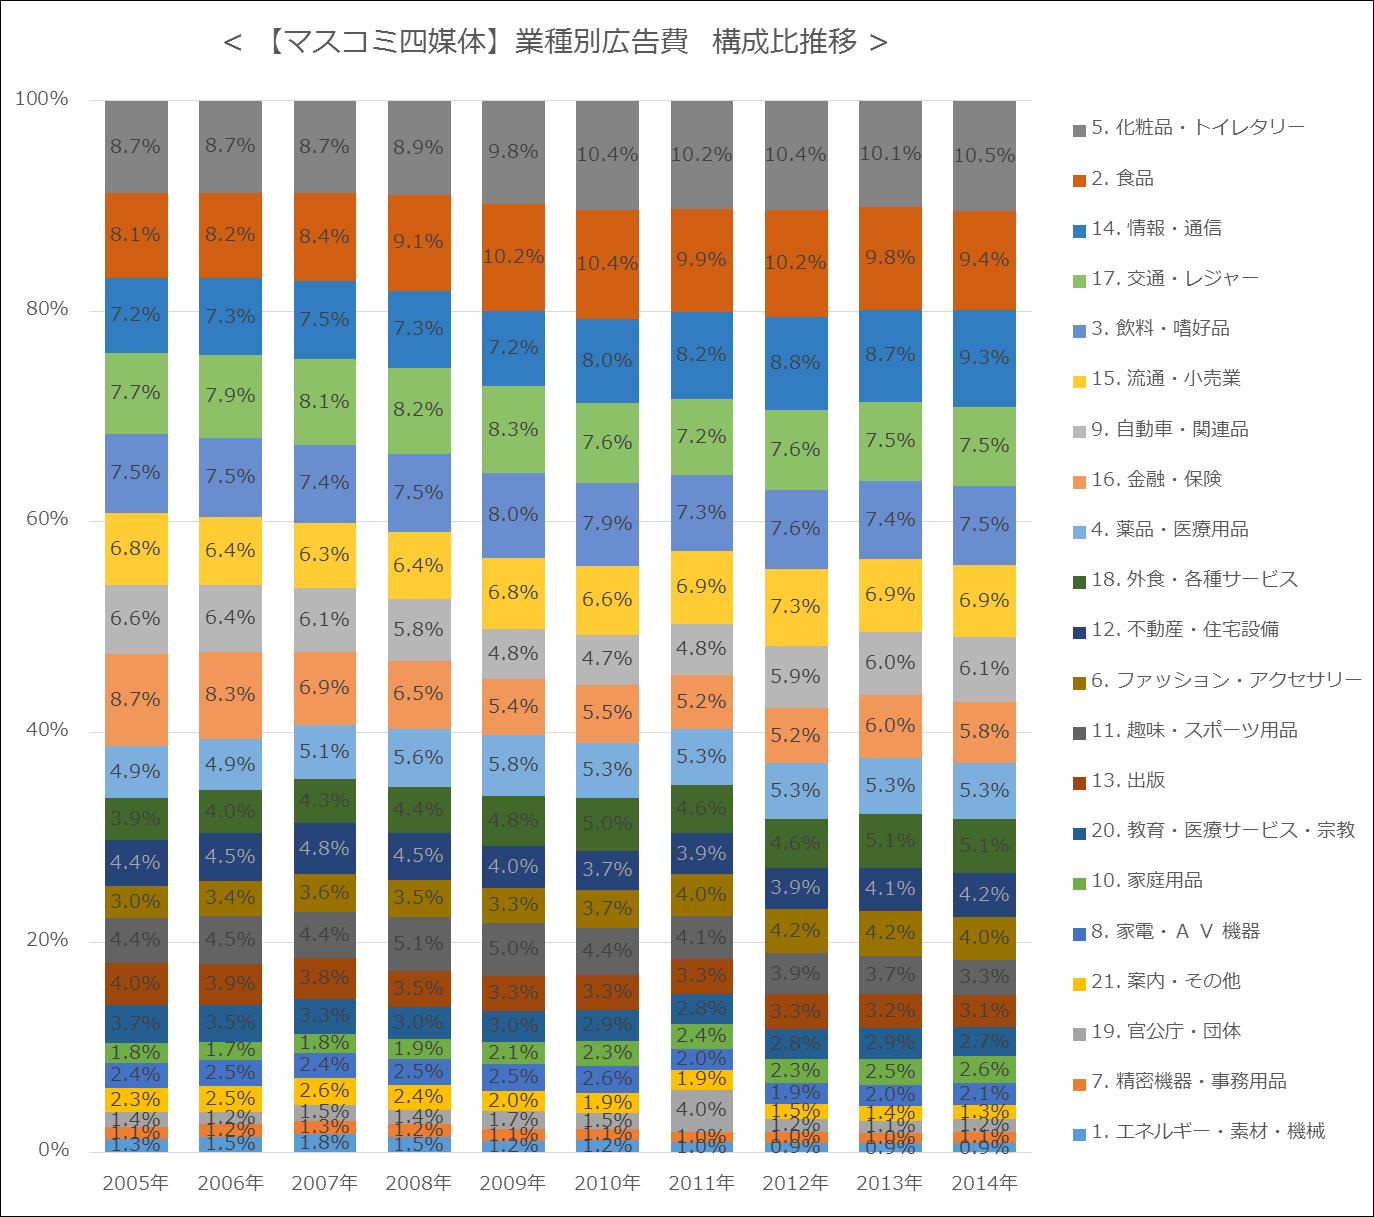 【マスコミ四媒体】業種別広告費  構成比推移